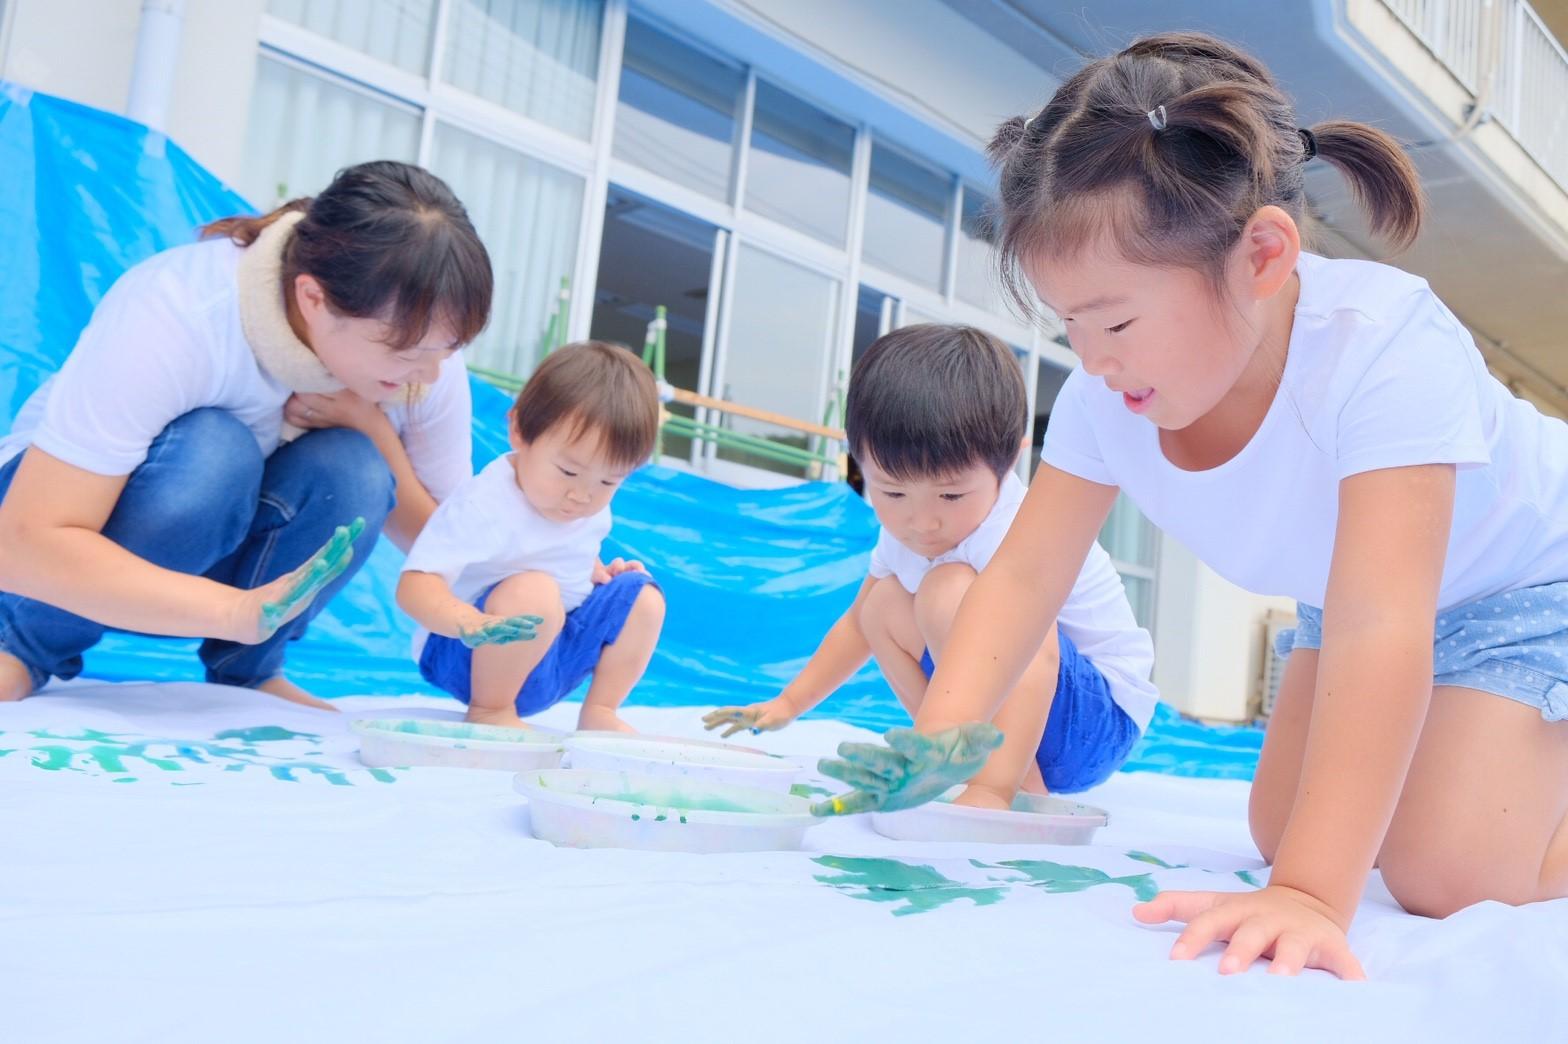 福島県川俣町子育てサポートプロジェクト第1回目 アートの力で親子に笑顔を!